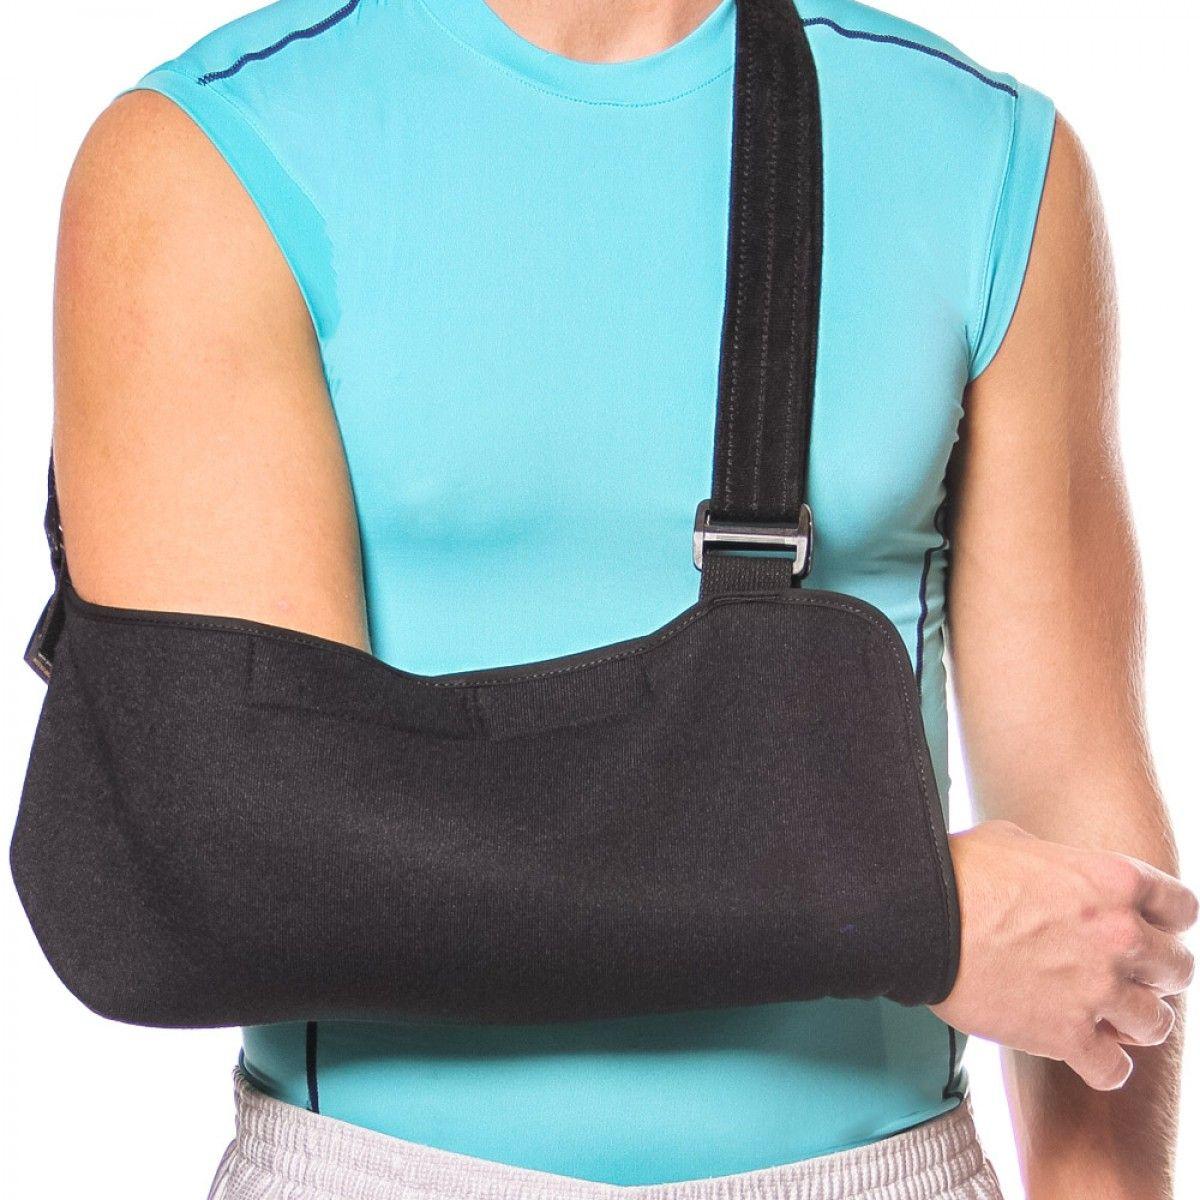 31e3e6cb634f Cradle Medical Envelope Sling for Broken Arm and Shoulder Injuries ...